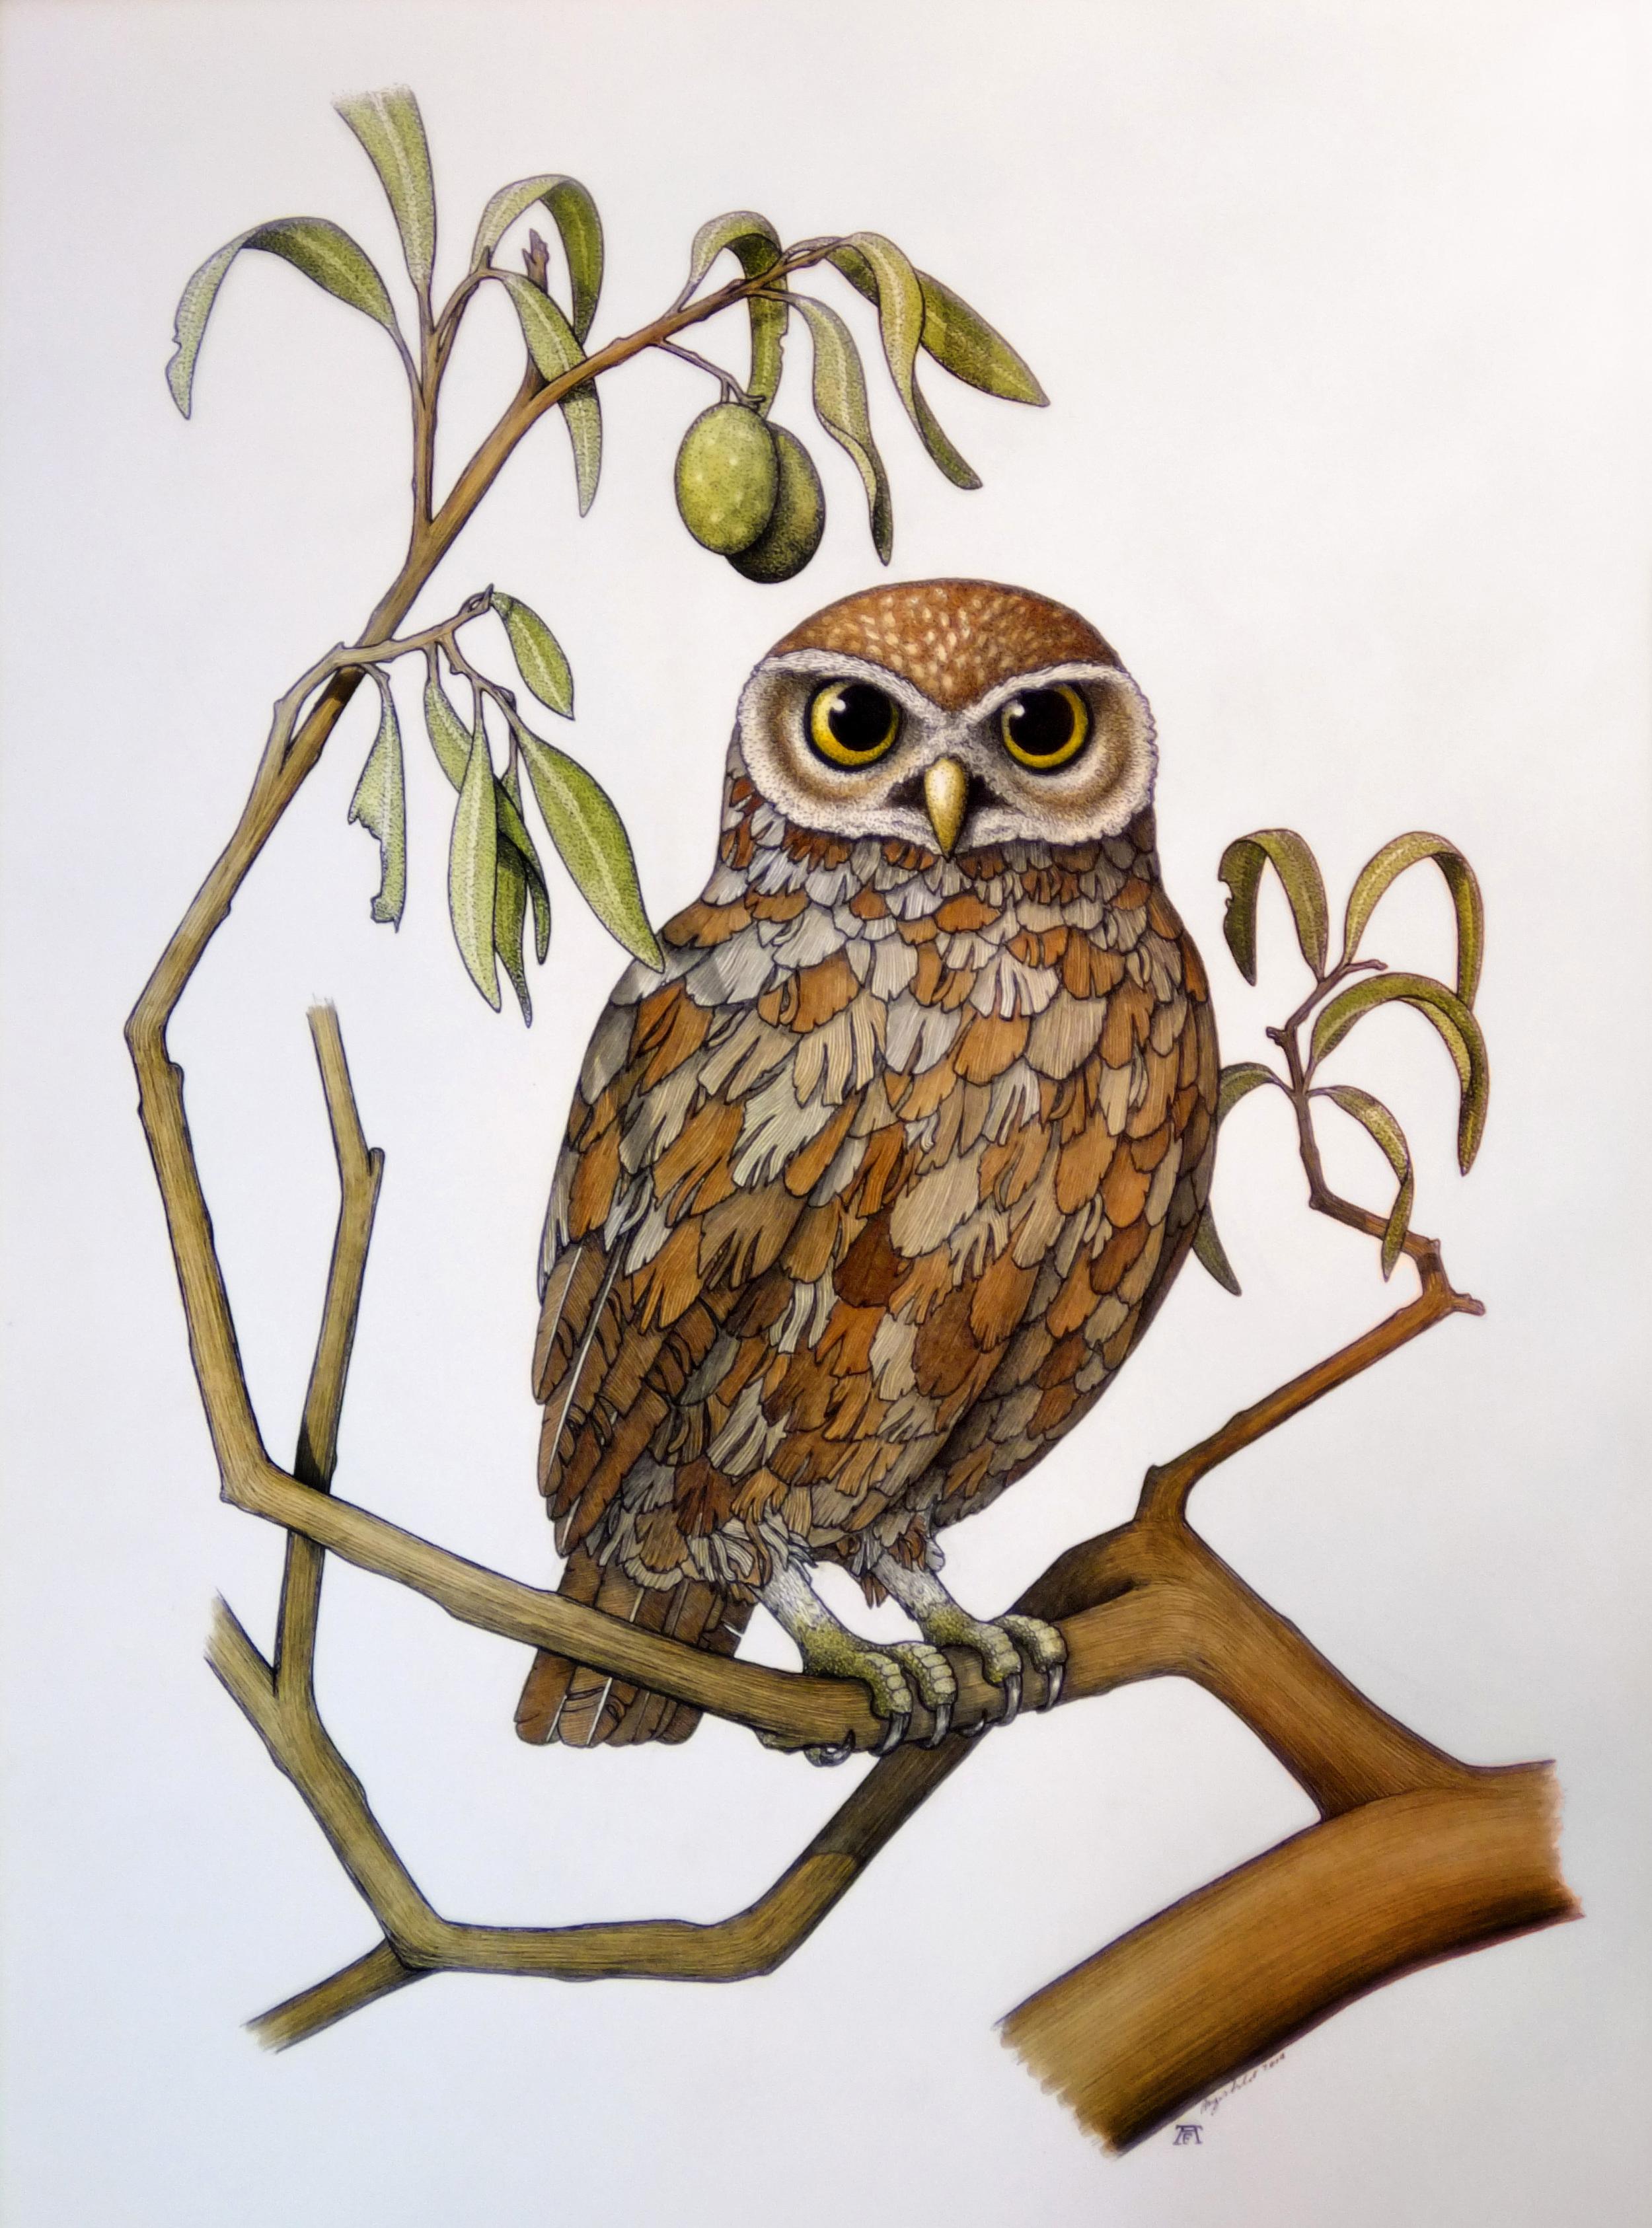 'Owl of Athena'